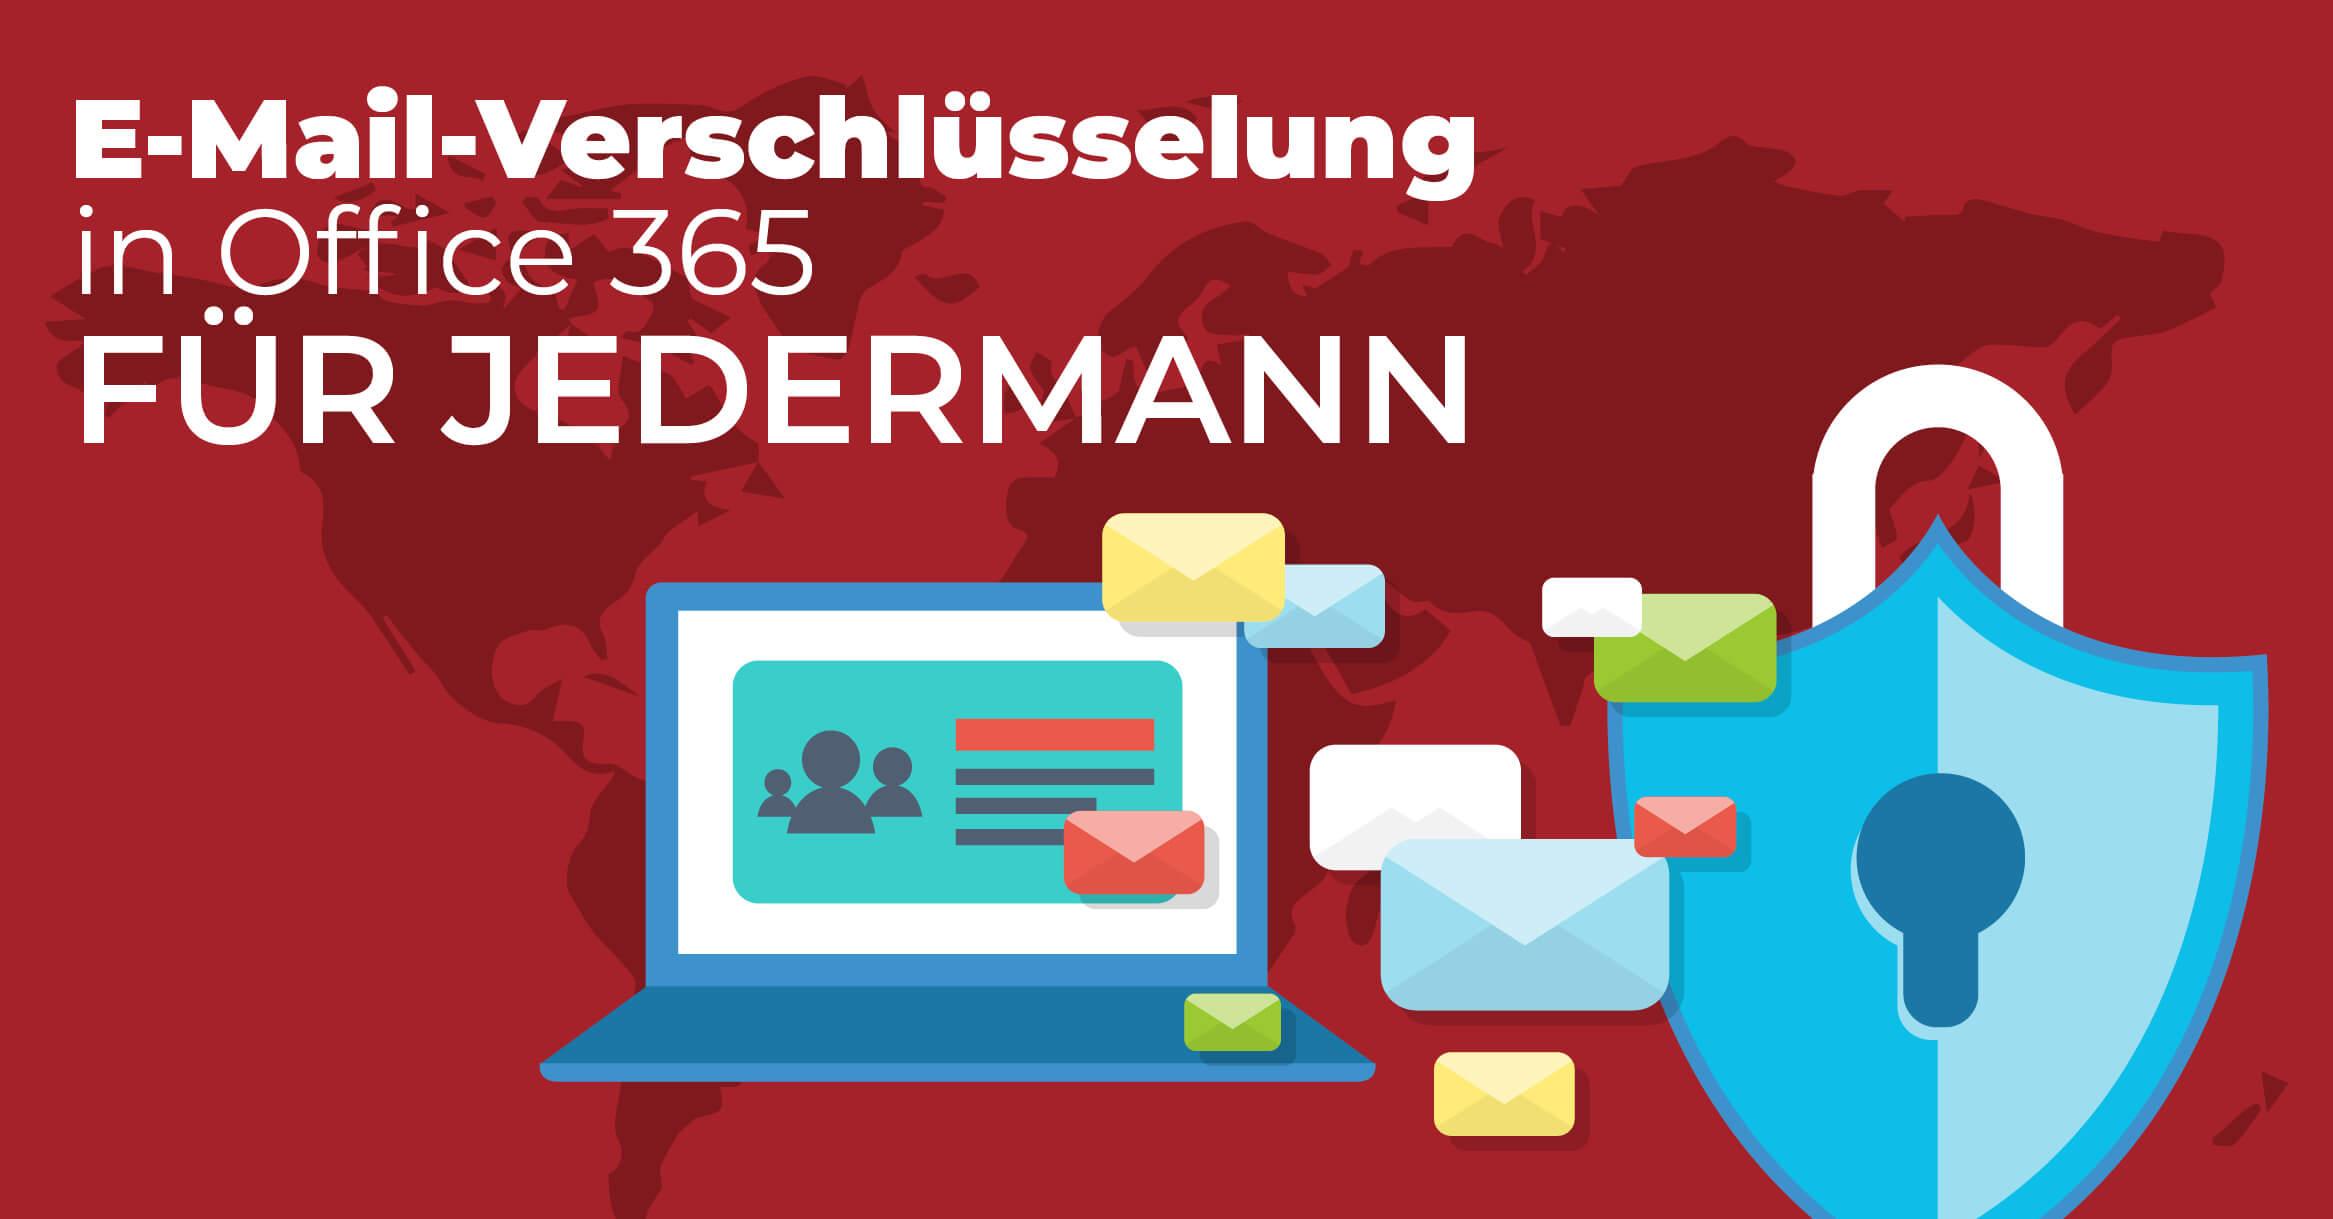 Email Verschlüsselung Office365